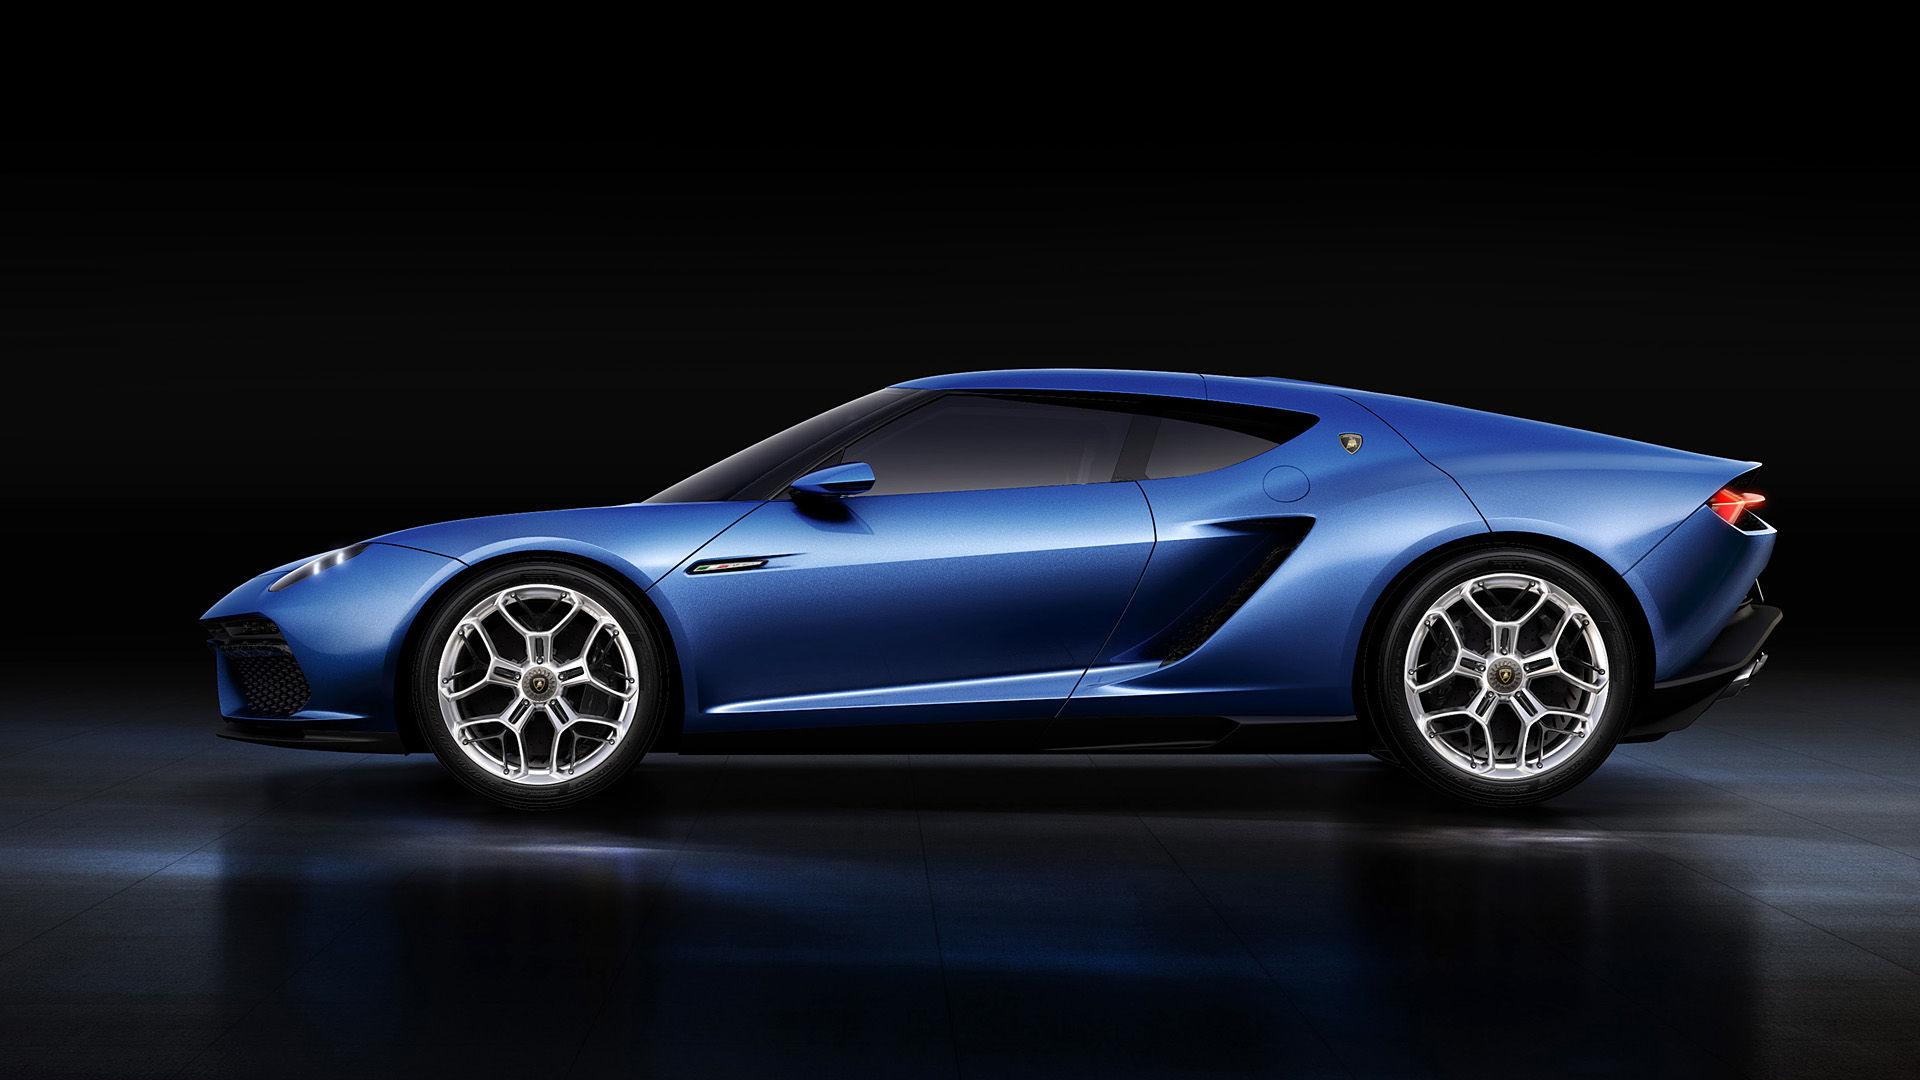 2014 Lamborghini Asterion LPI910-4 Concept